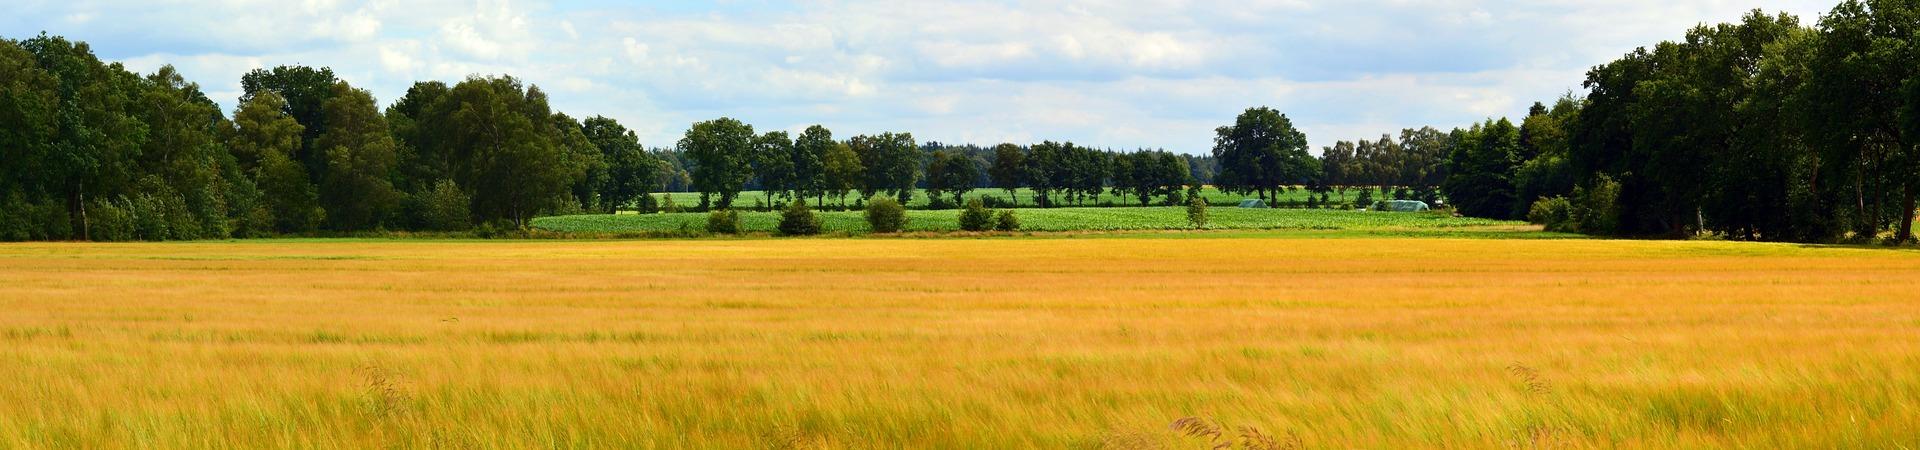 Landscape 1506558 1920 1